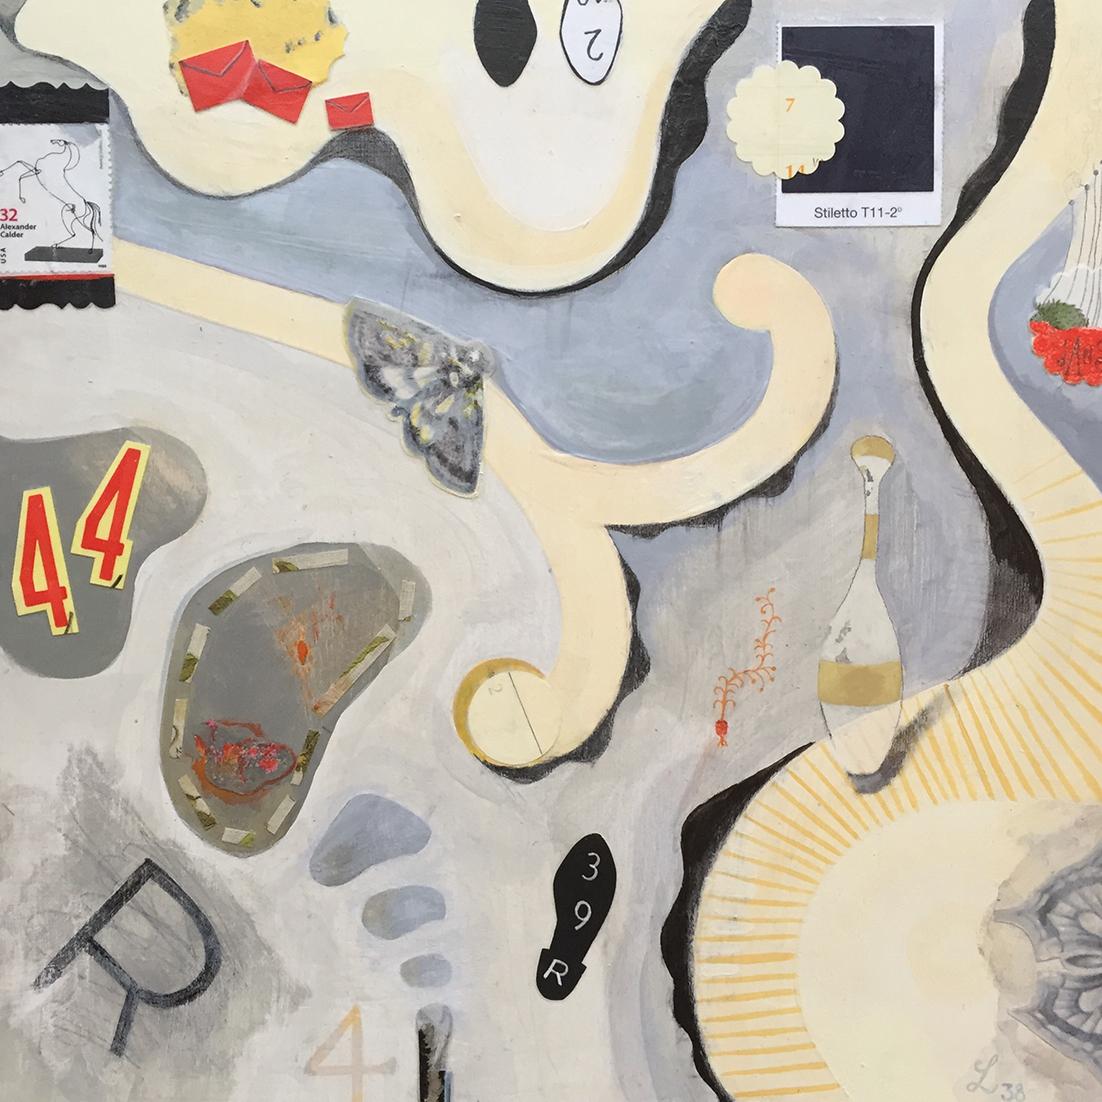 trouve+magazine+the+business+of+art+laila+rezai